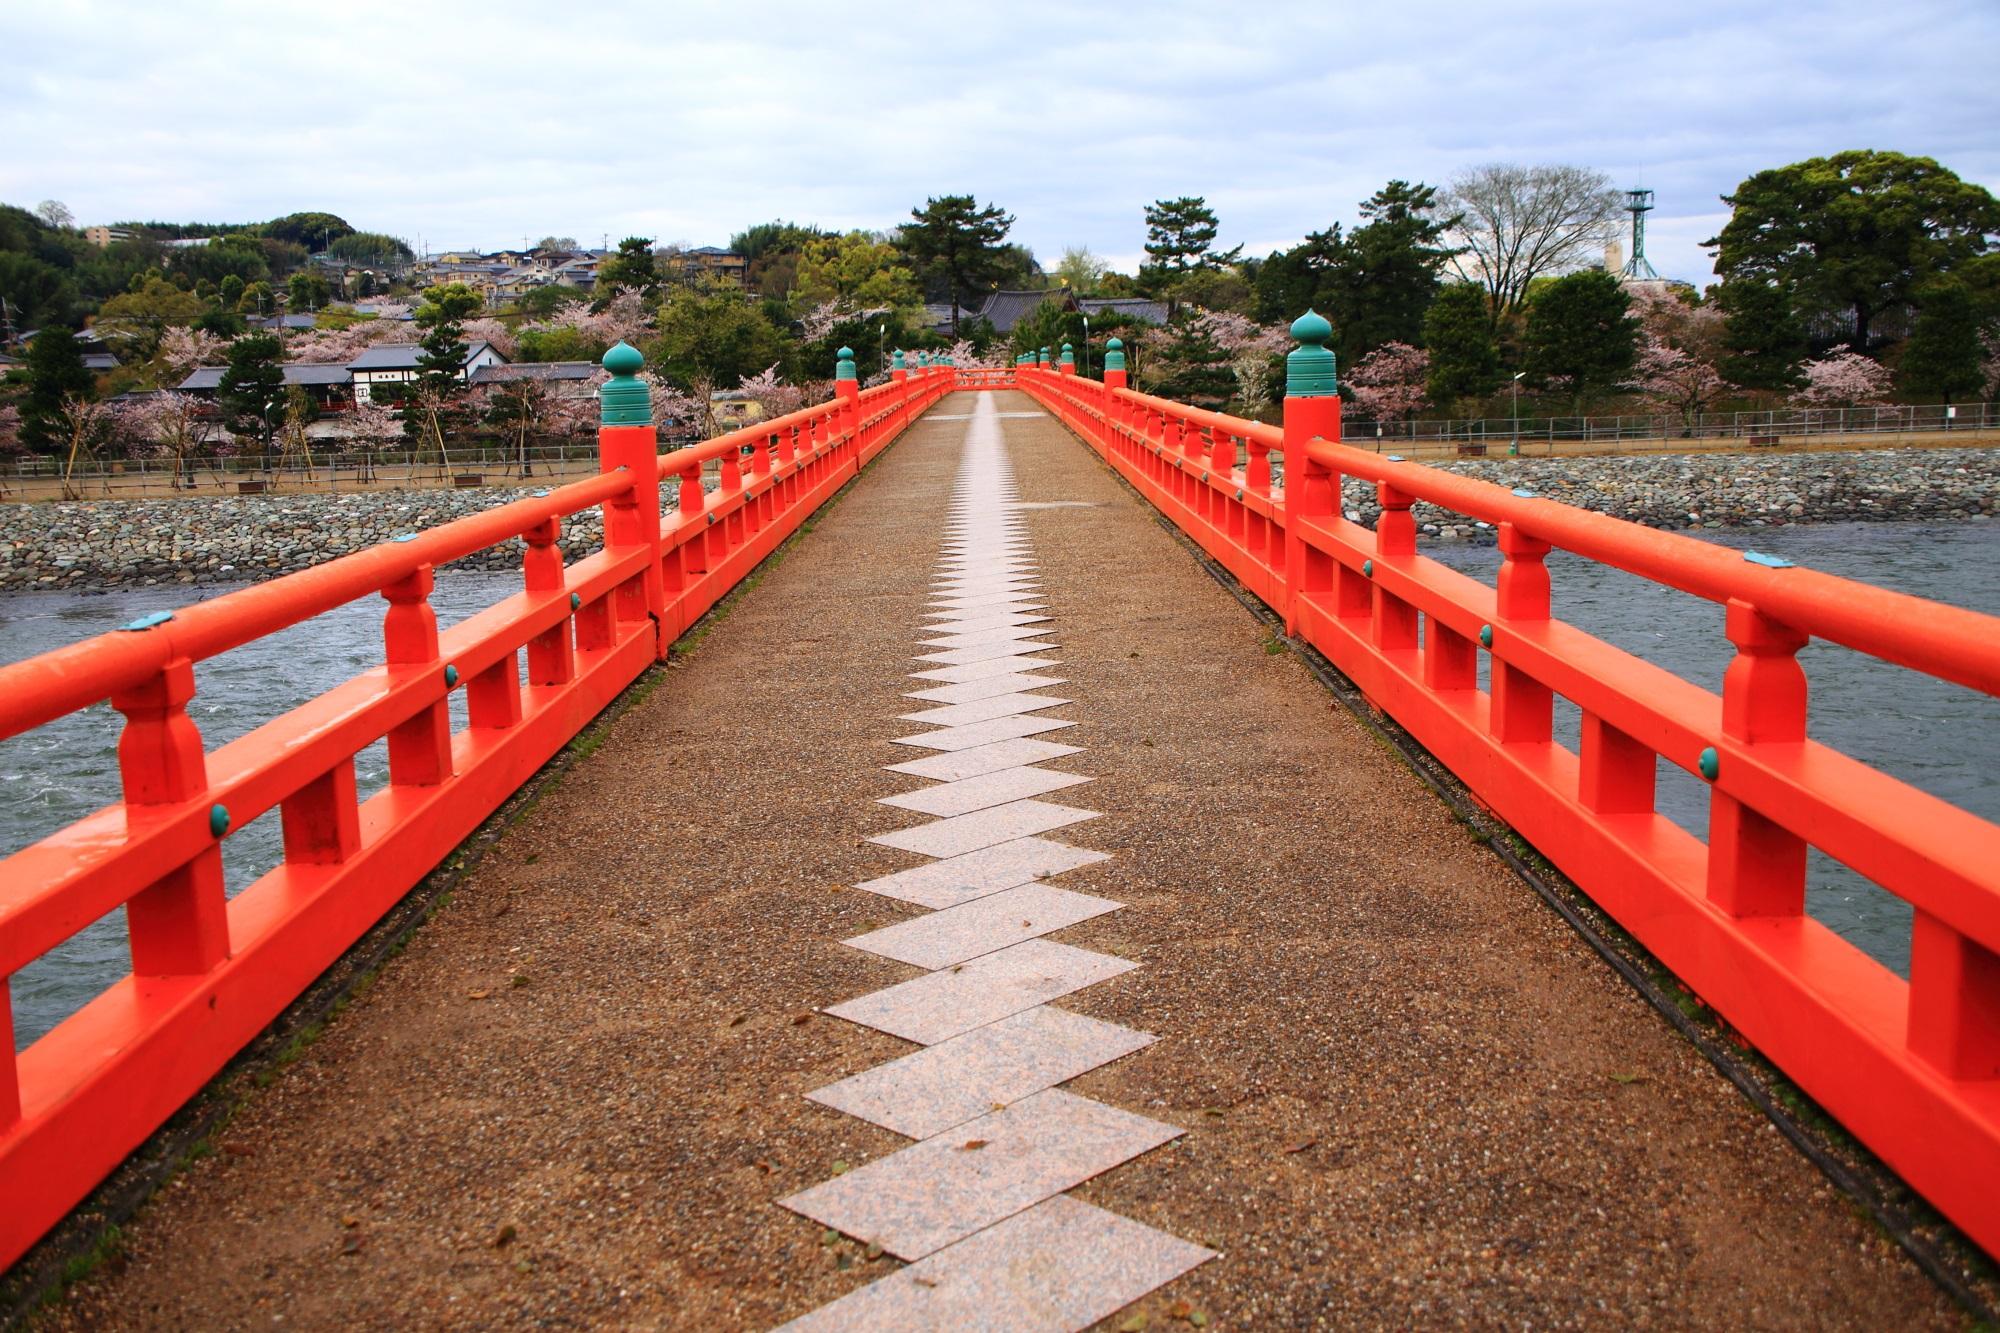 朱色の欄干が特徴的な宇治川の名所の朝霧橋